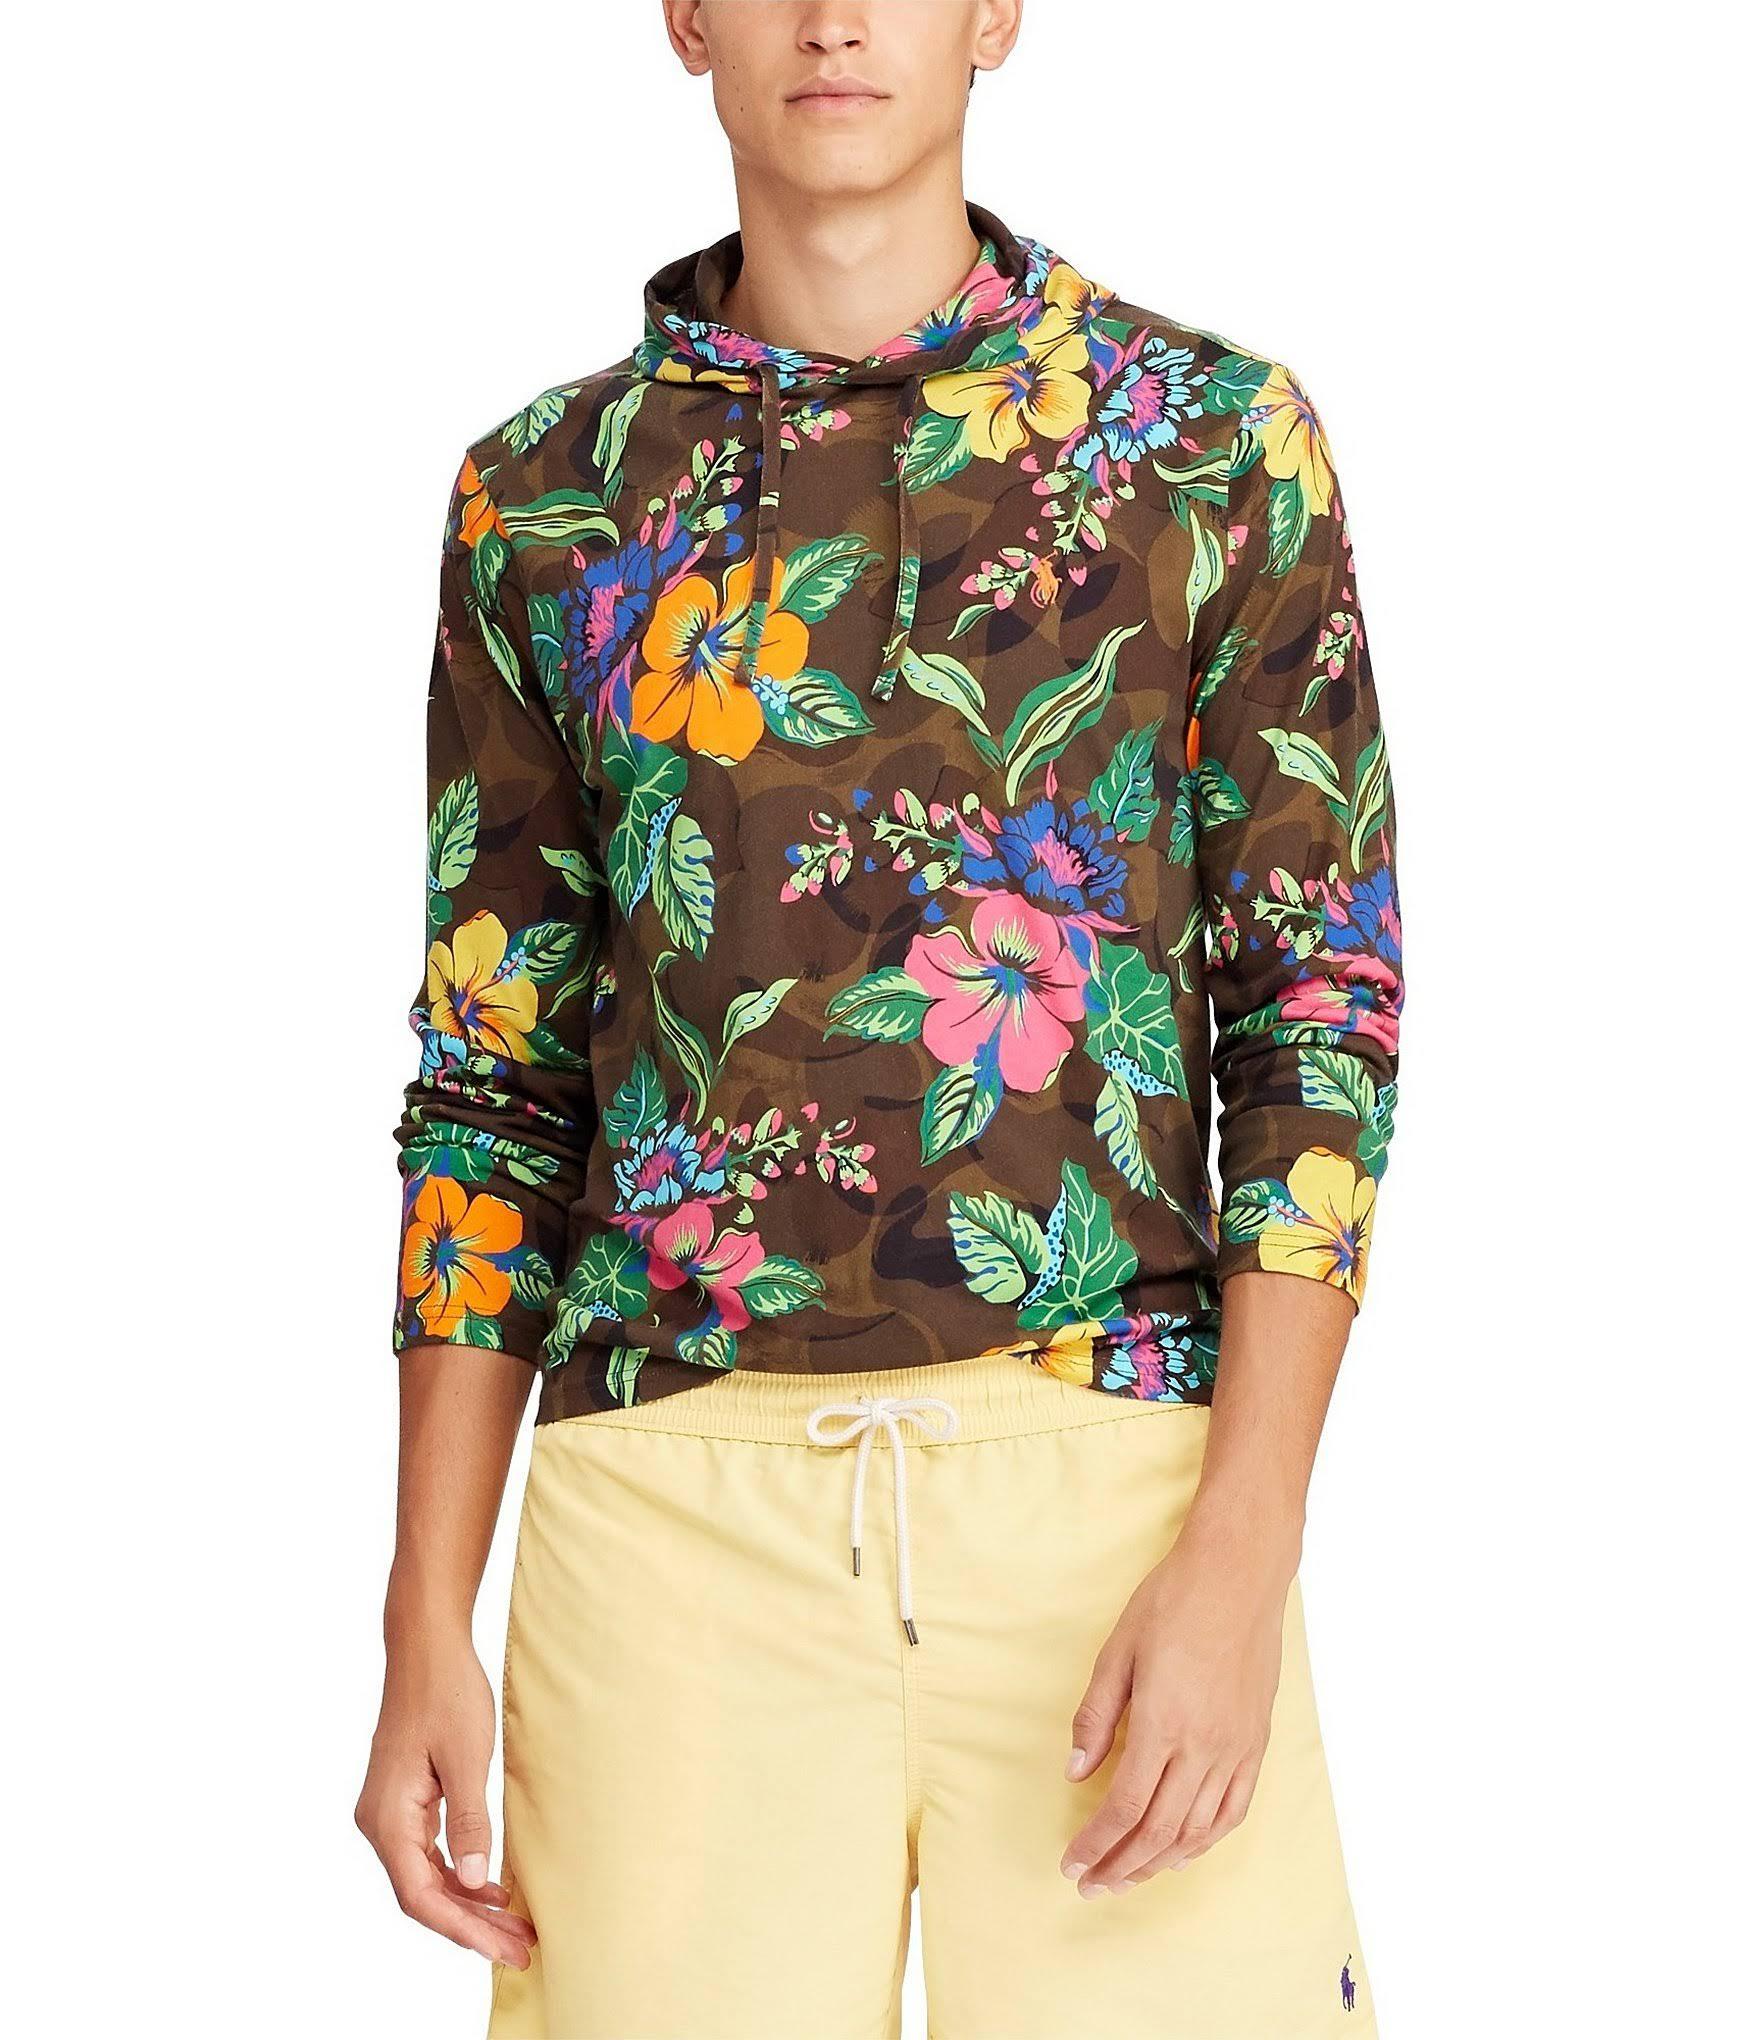 Lauren Manga M Larga Tropical Camiseta Capucha Floral Con Ralph De Surplus Polo XPqxHn5w4